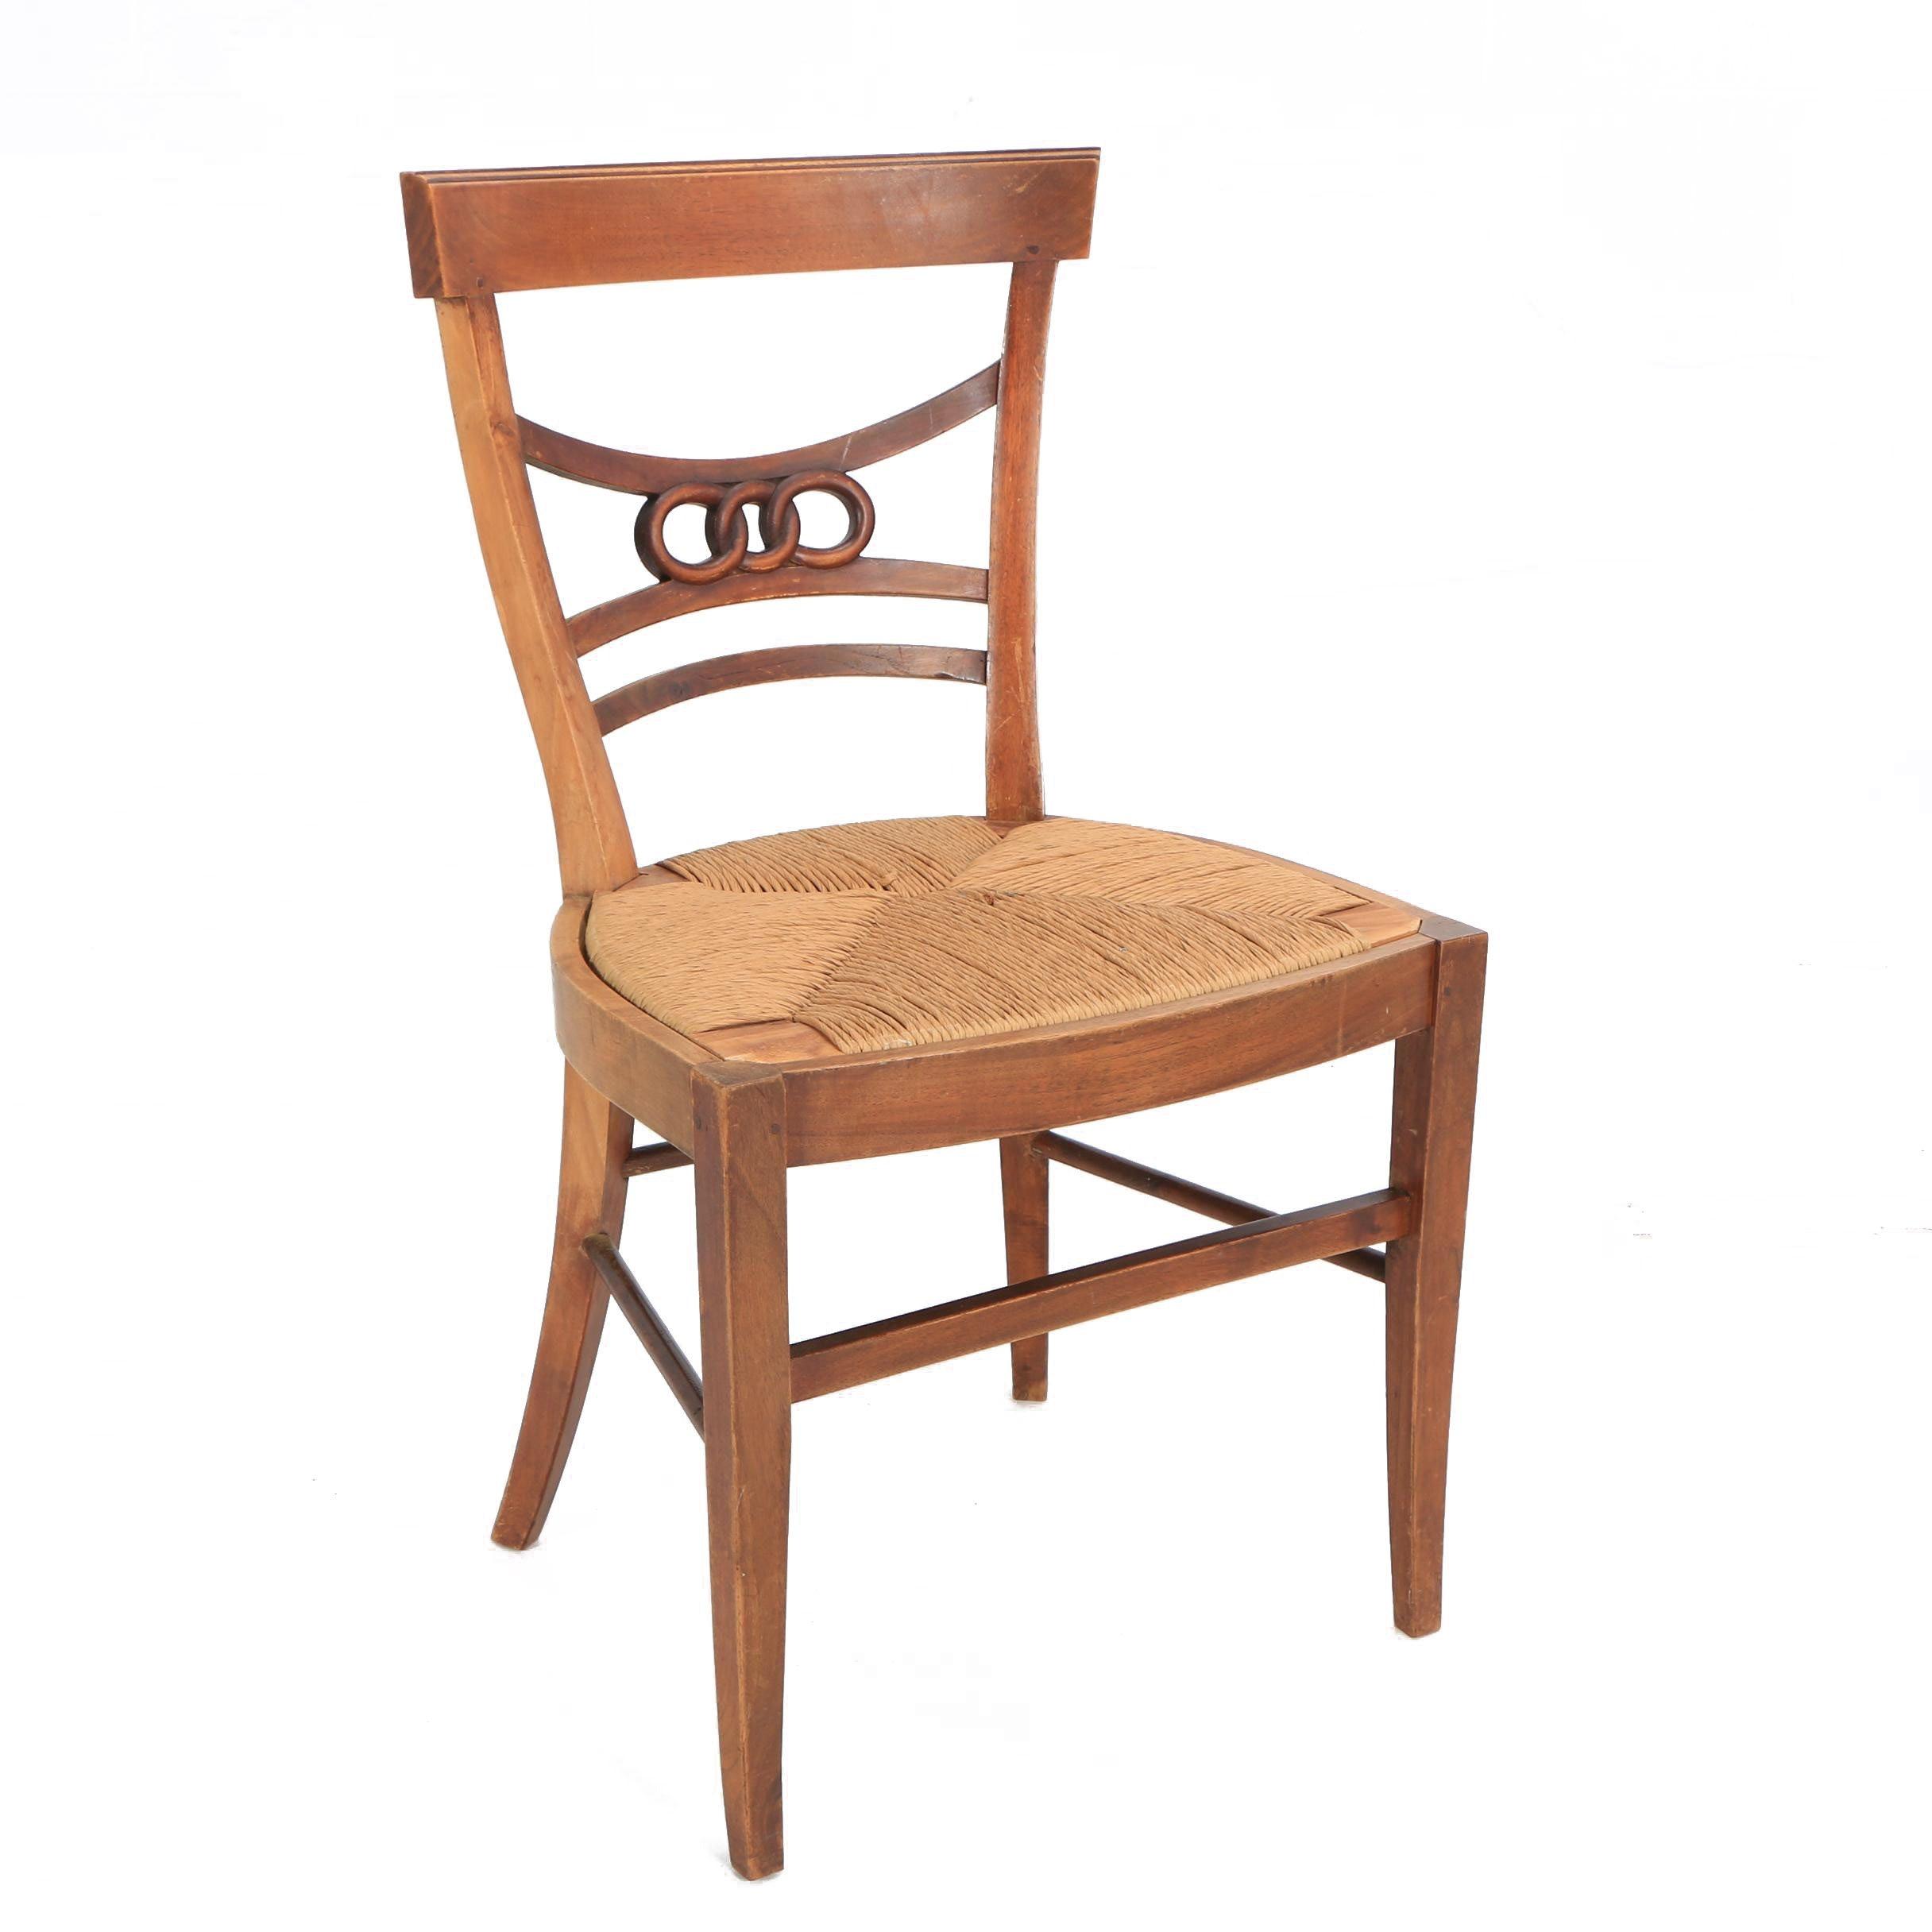 Antique Regency Style Oak Side Chair